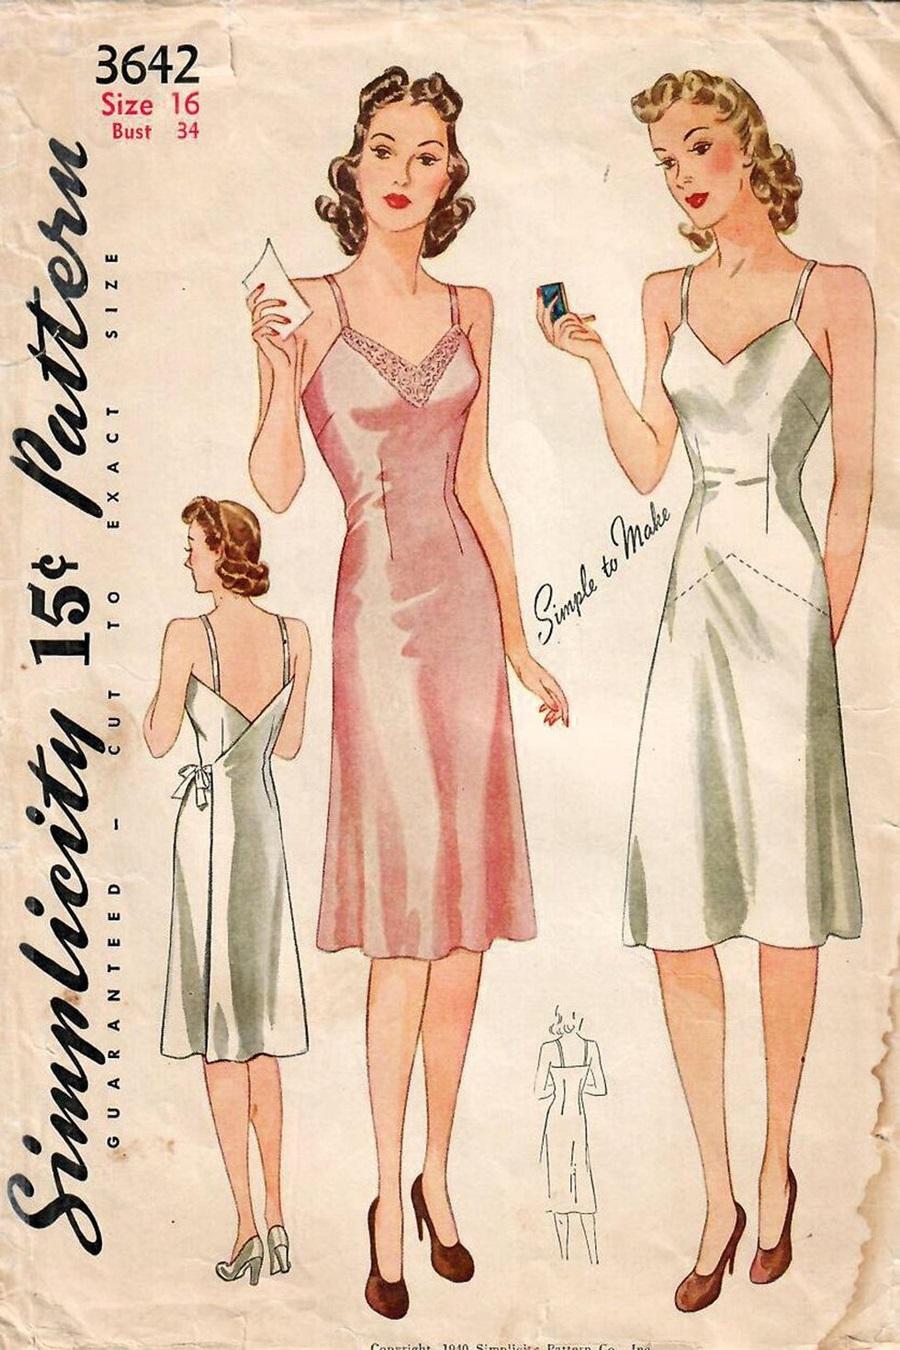 Trong những năm 1940, váy ngủ được nâng lên một tầm cao mới với chất liệu sang trọng, thêm chi tiết trang trí và đường cắt cải biên để có thể diện ra đường như một bộ cánh thời trang. Từ đó, váy ngủ đi lên sàn diễn, vào trong phim ảnh, đời sống như một thiết kế thời trang.